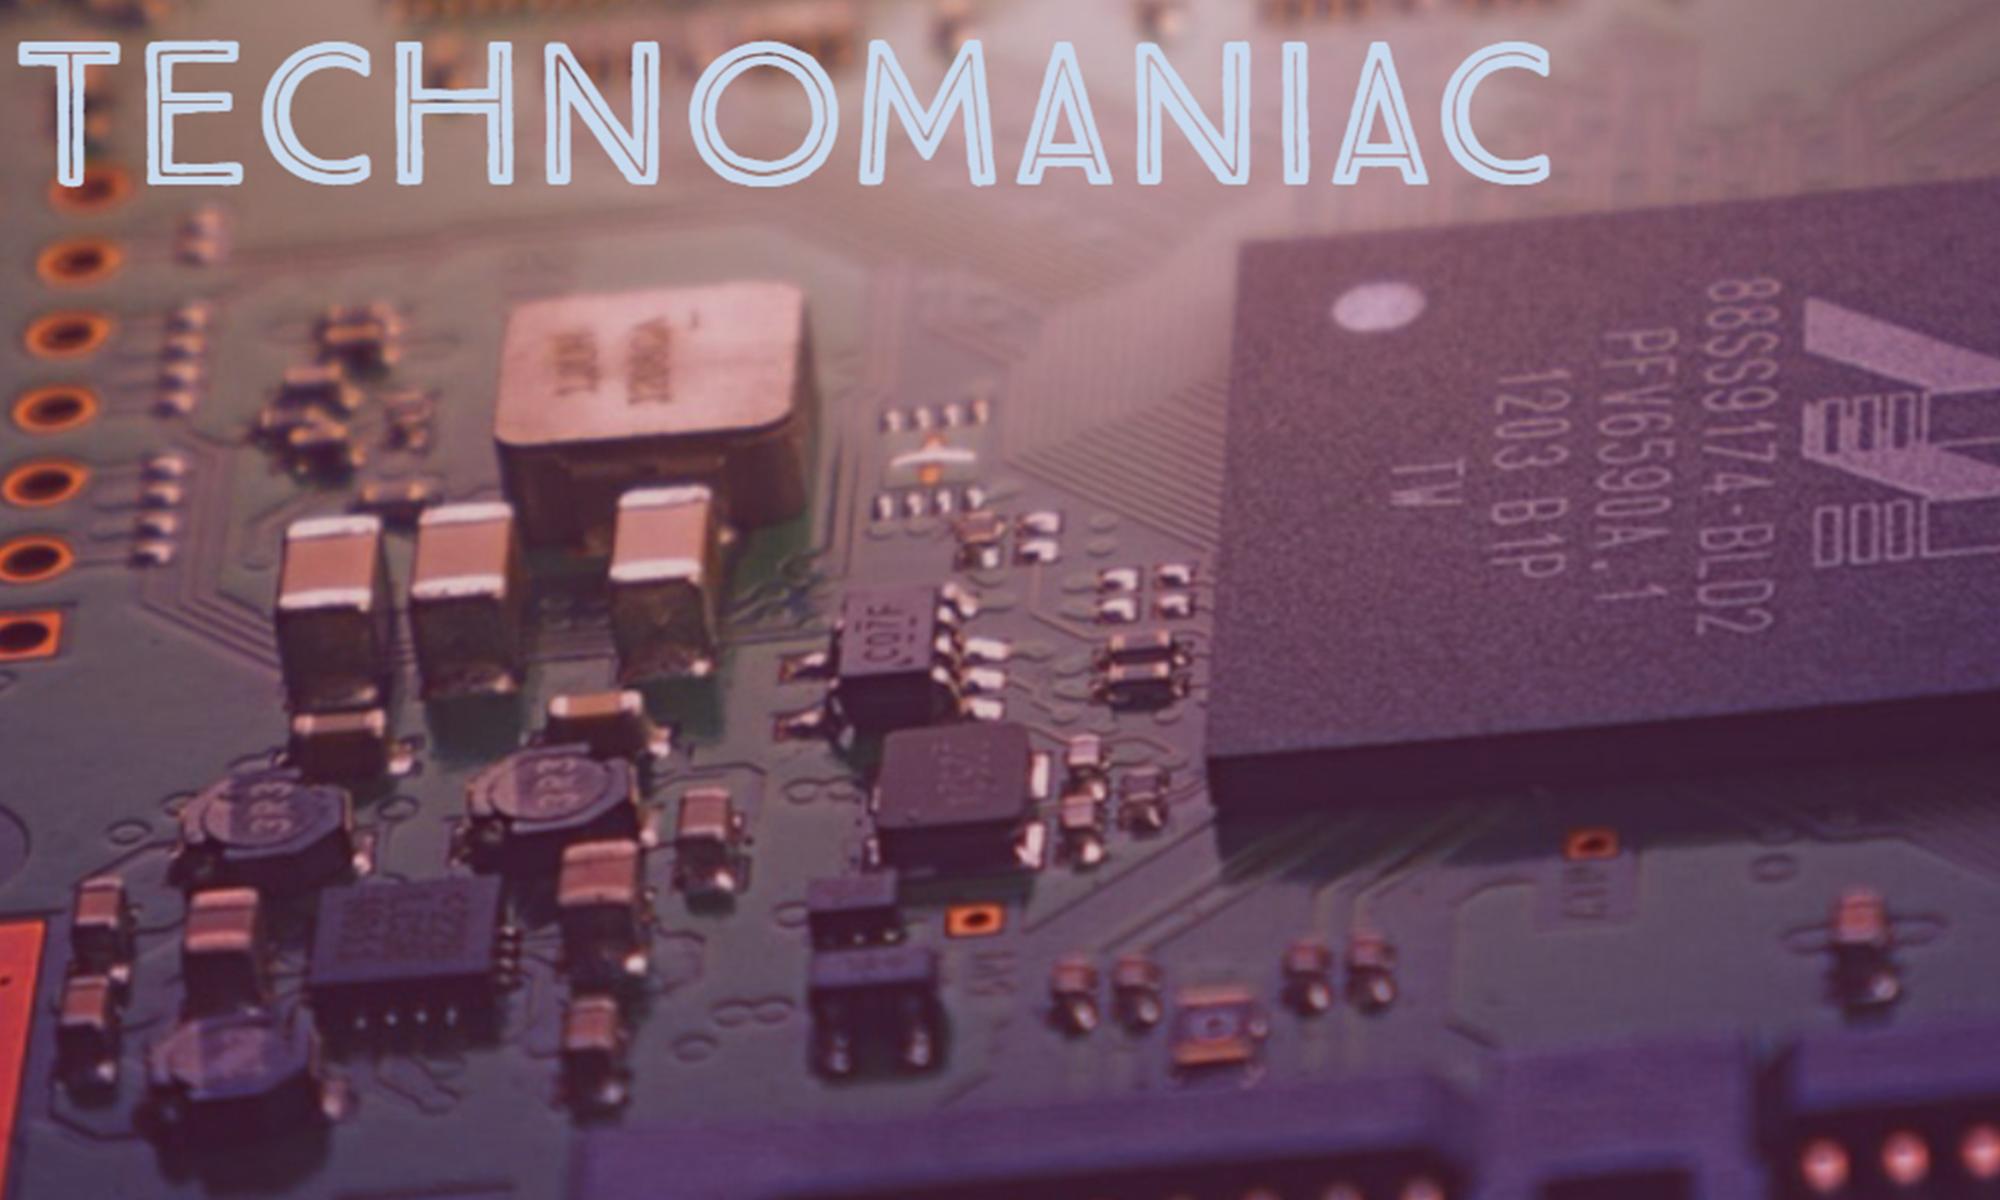 Technomaniac